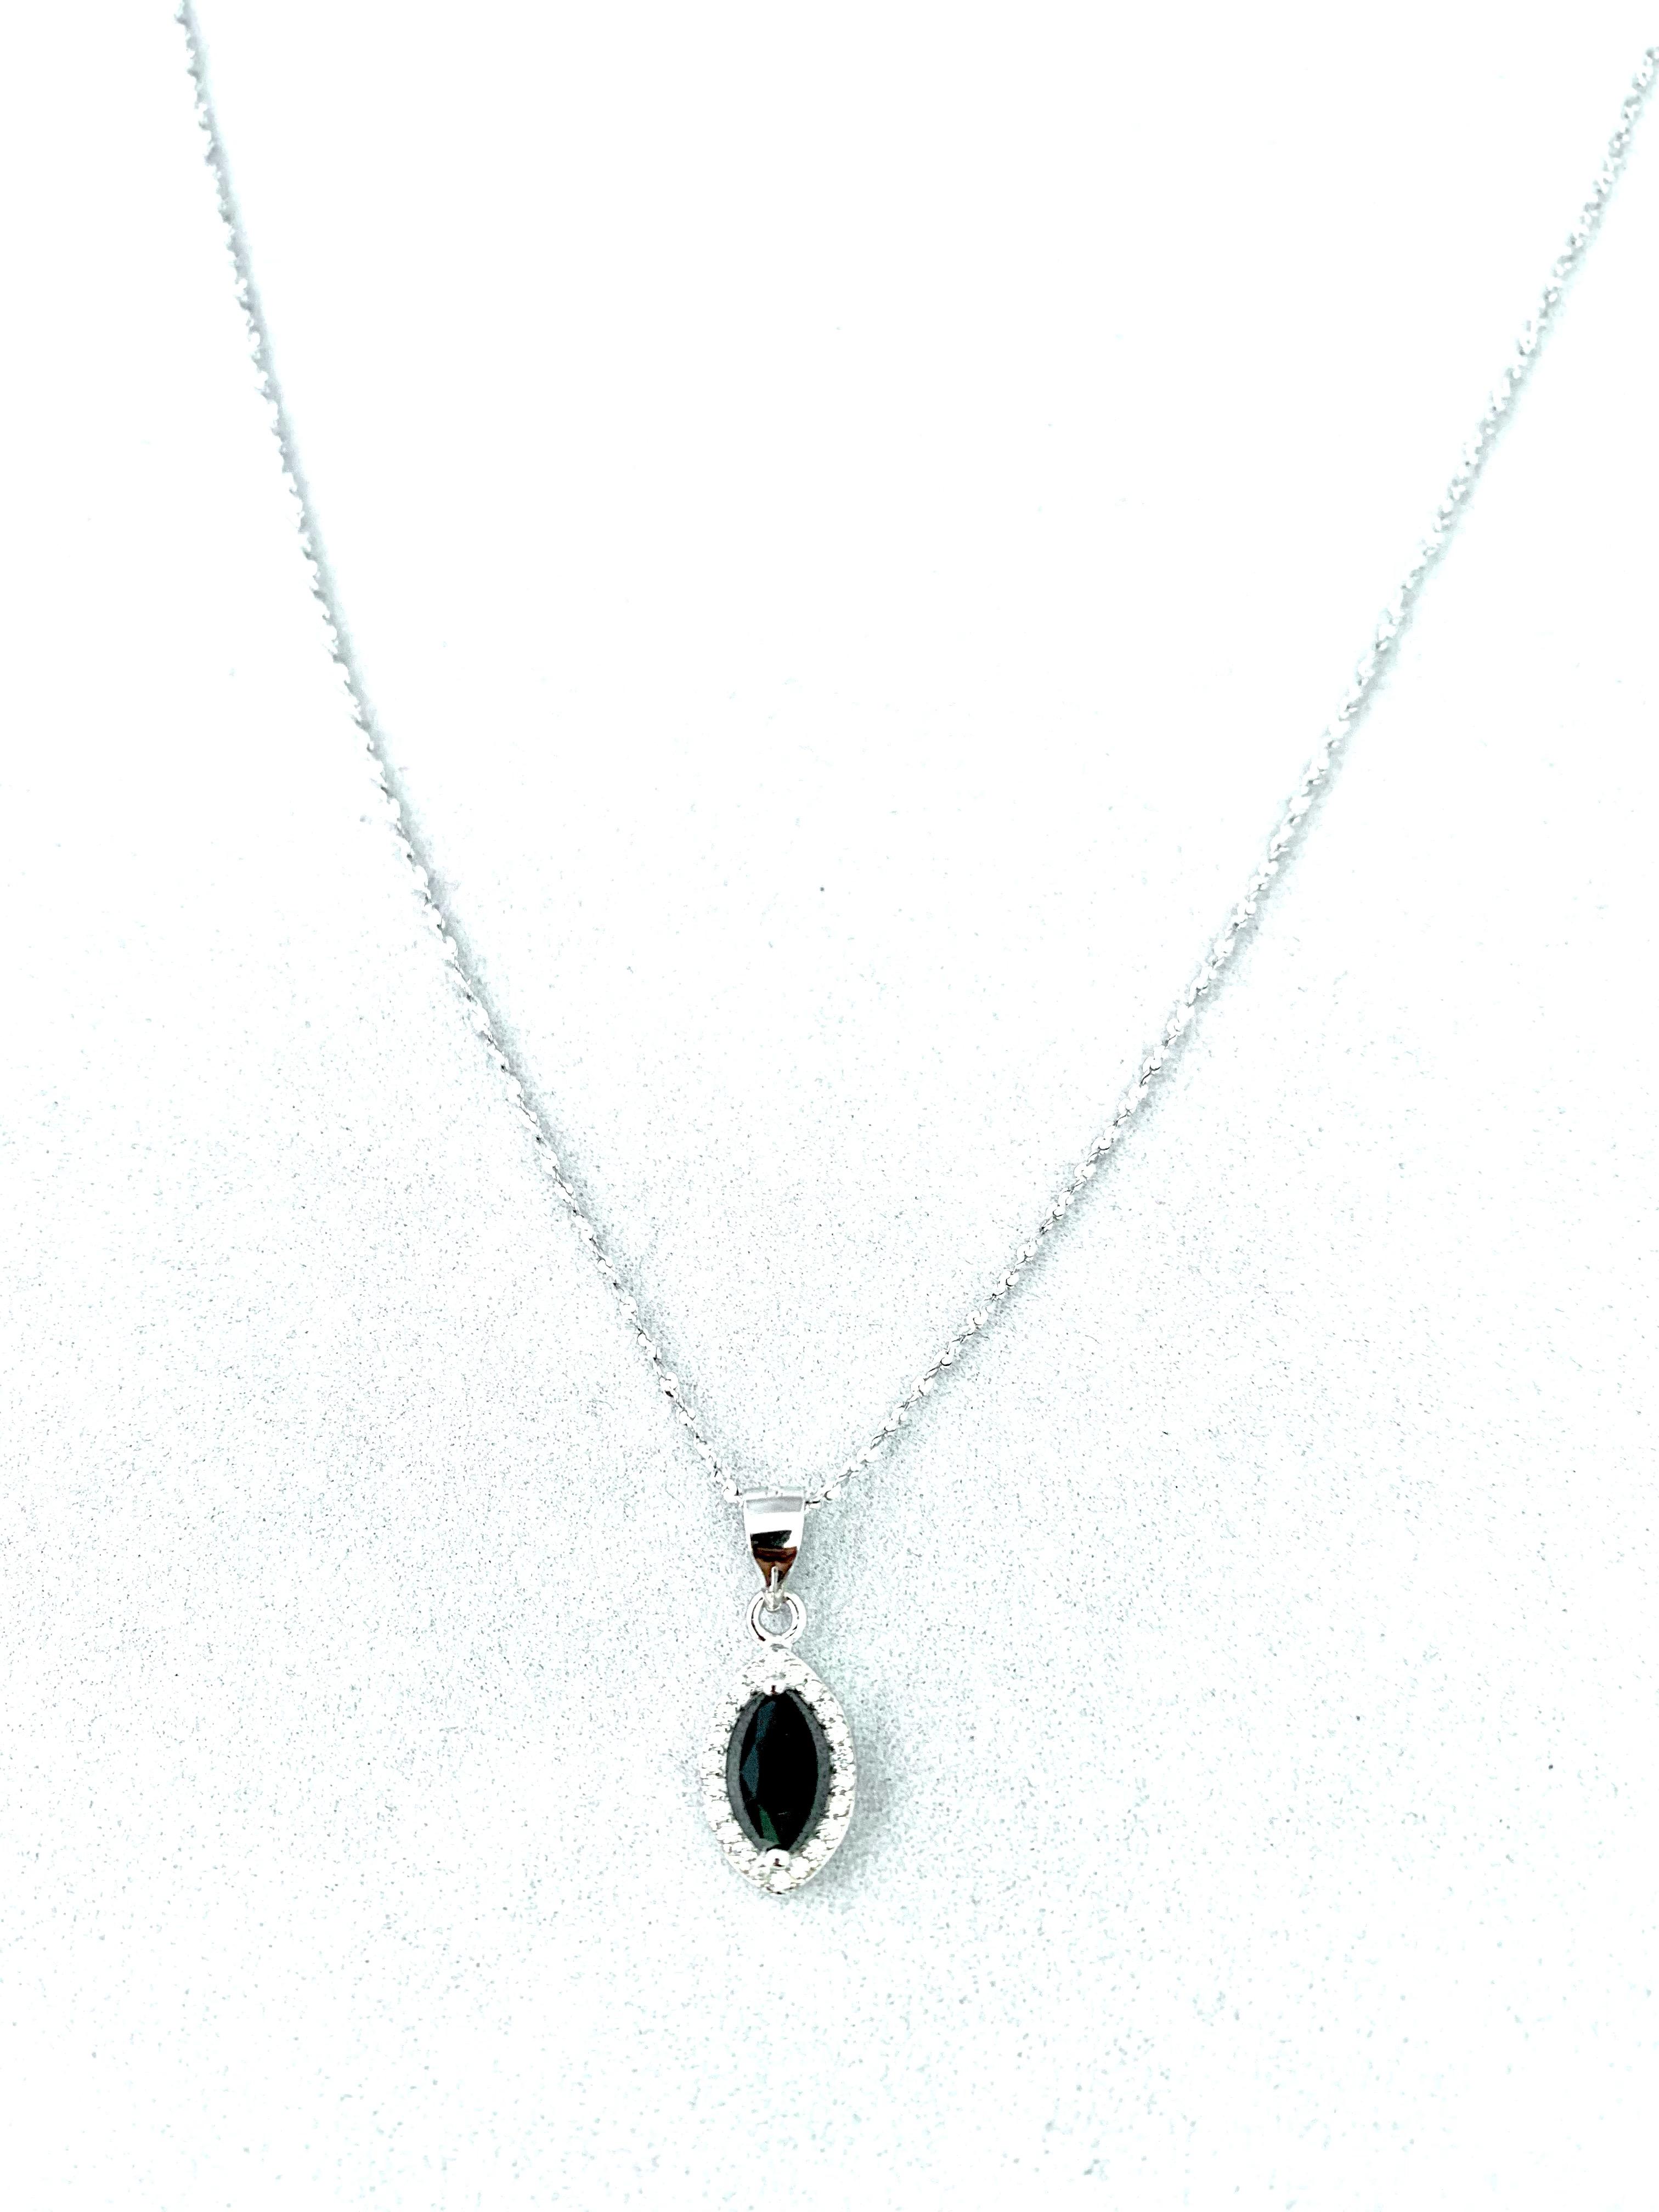 Strieborný 925 náhrdelník s čiernym kryštálovým príveskom v tvare oka